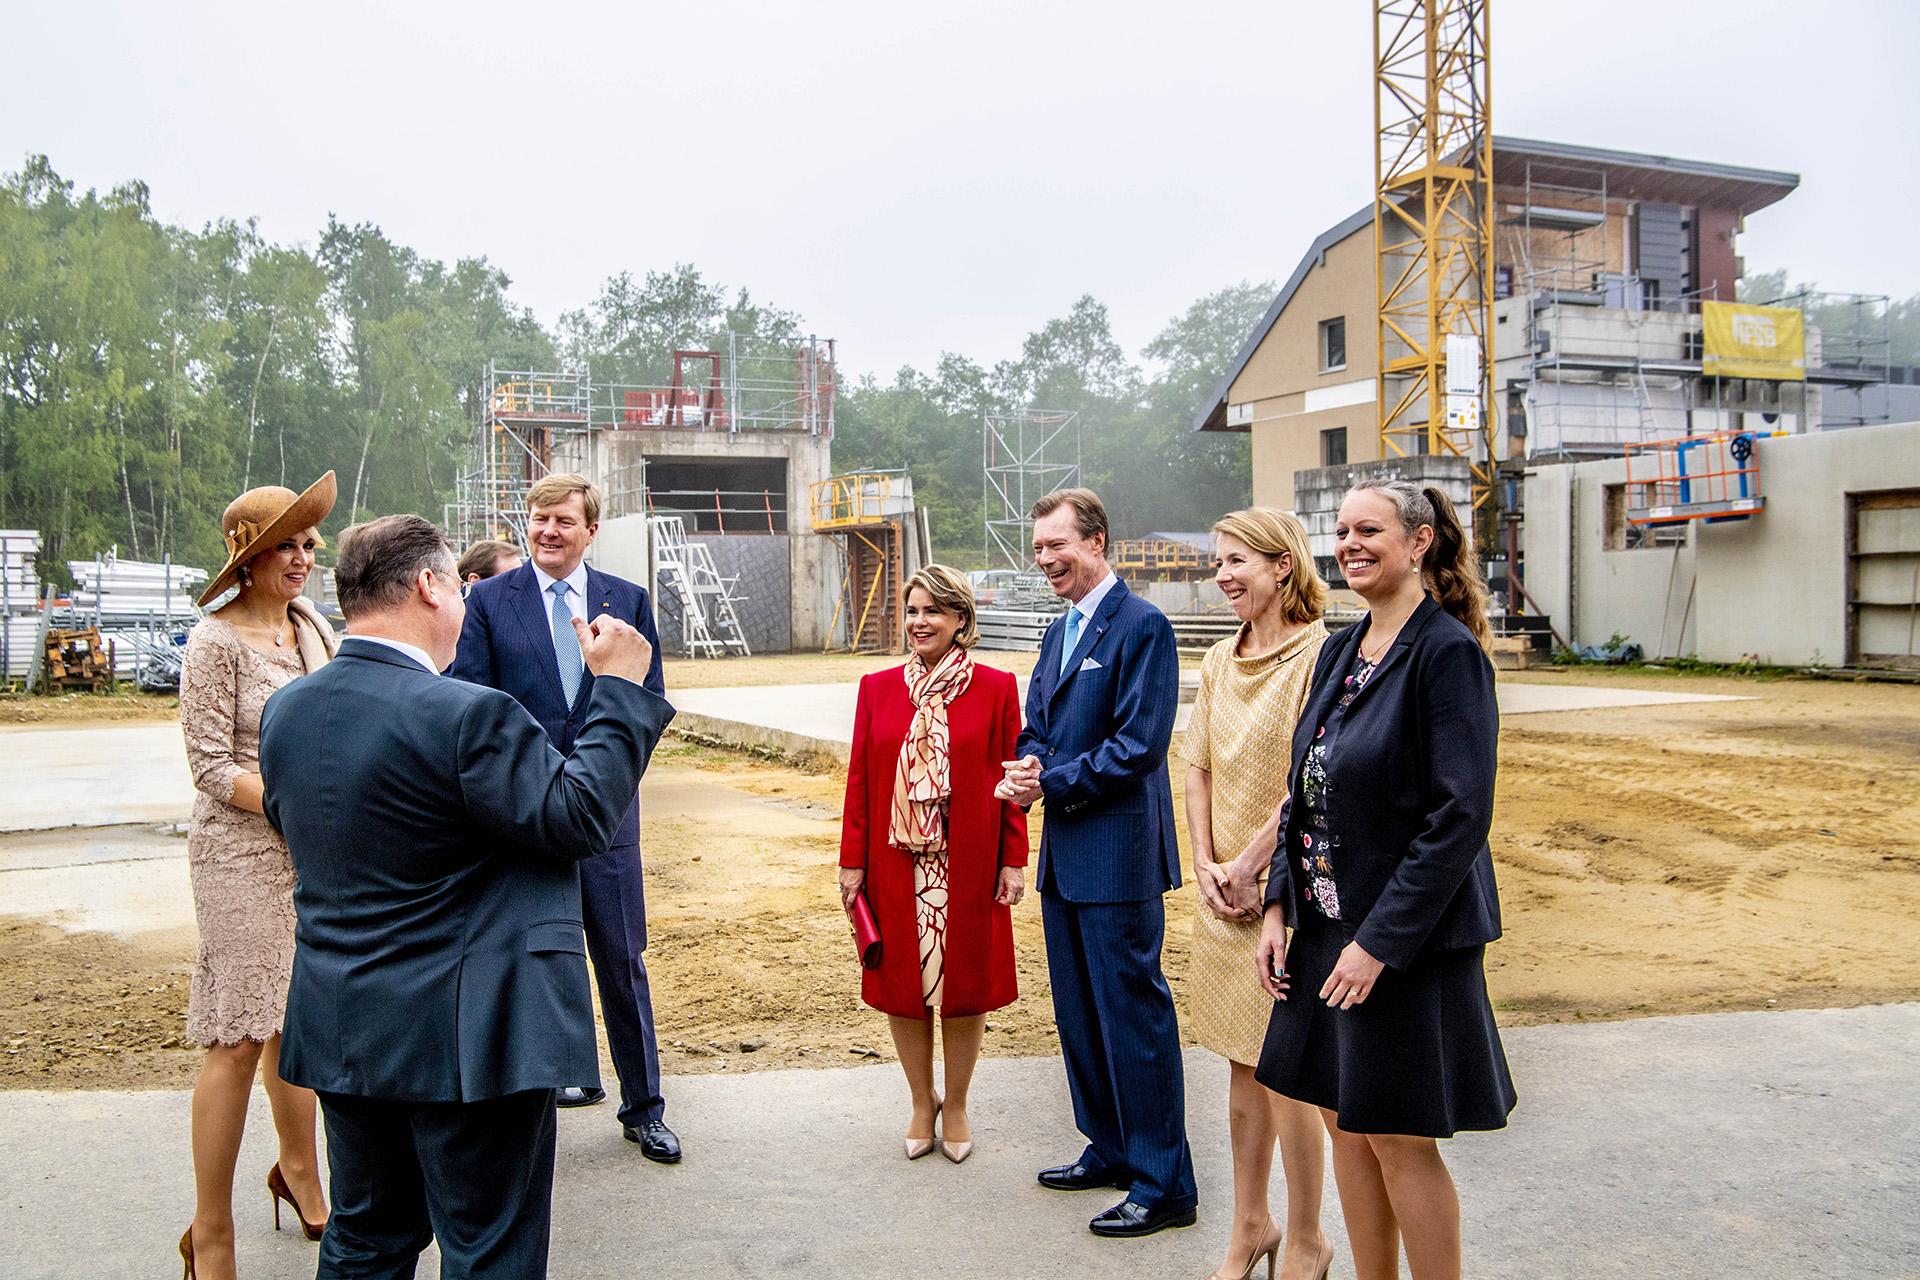 El gran duque Enrique de Luxemburgo, la gran duquesa Maria-Teresa, la reina Máxima y el rey Guillermo de Holanda visitan la compañía logística CFL Multimodal